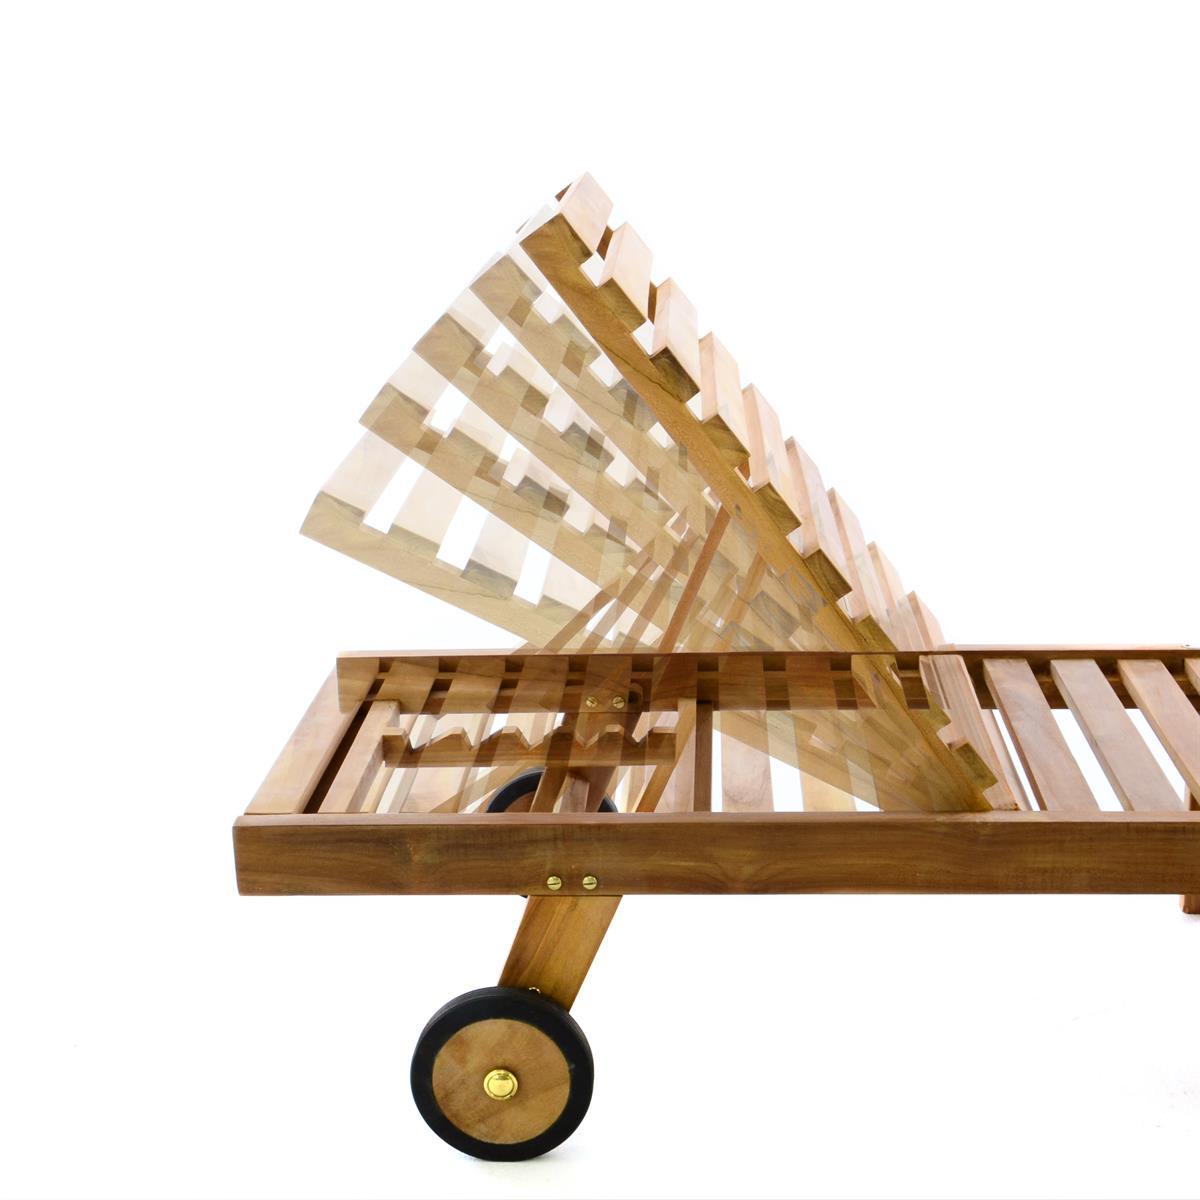 DIVERO Sonnenliege Gartenliege Liegestuhl Teak Holz klappbar behandelt 200x57cm eBay ~ 10133749_Teakholz Liegestuhl Gebraucht